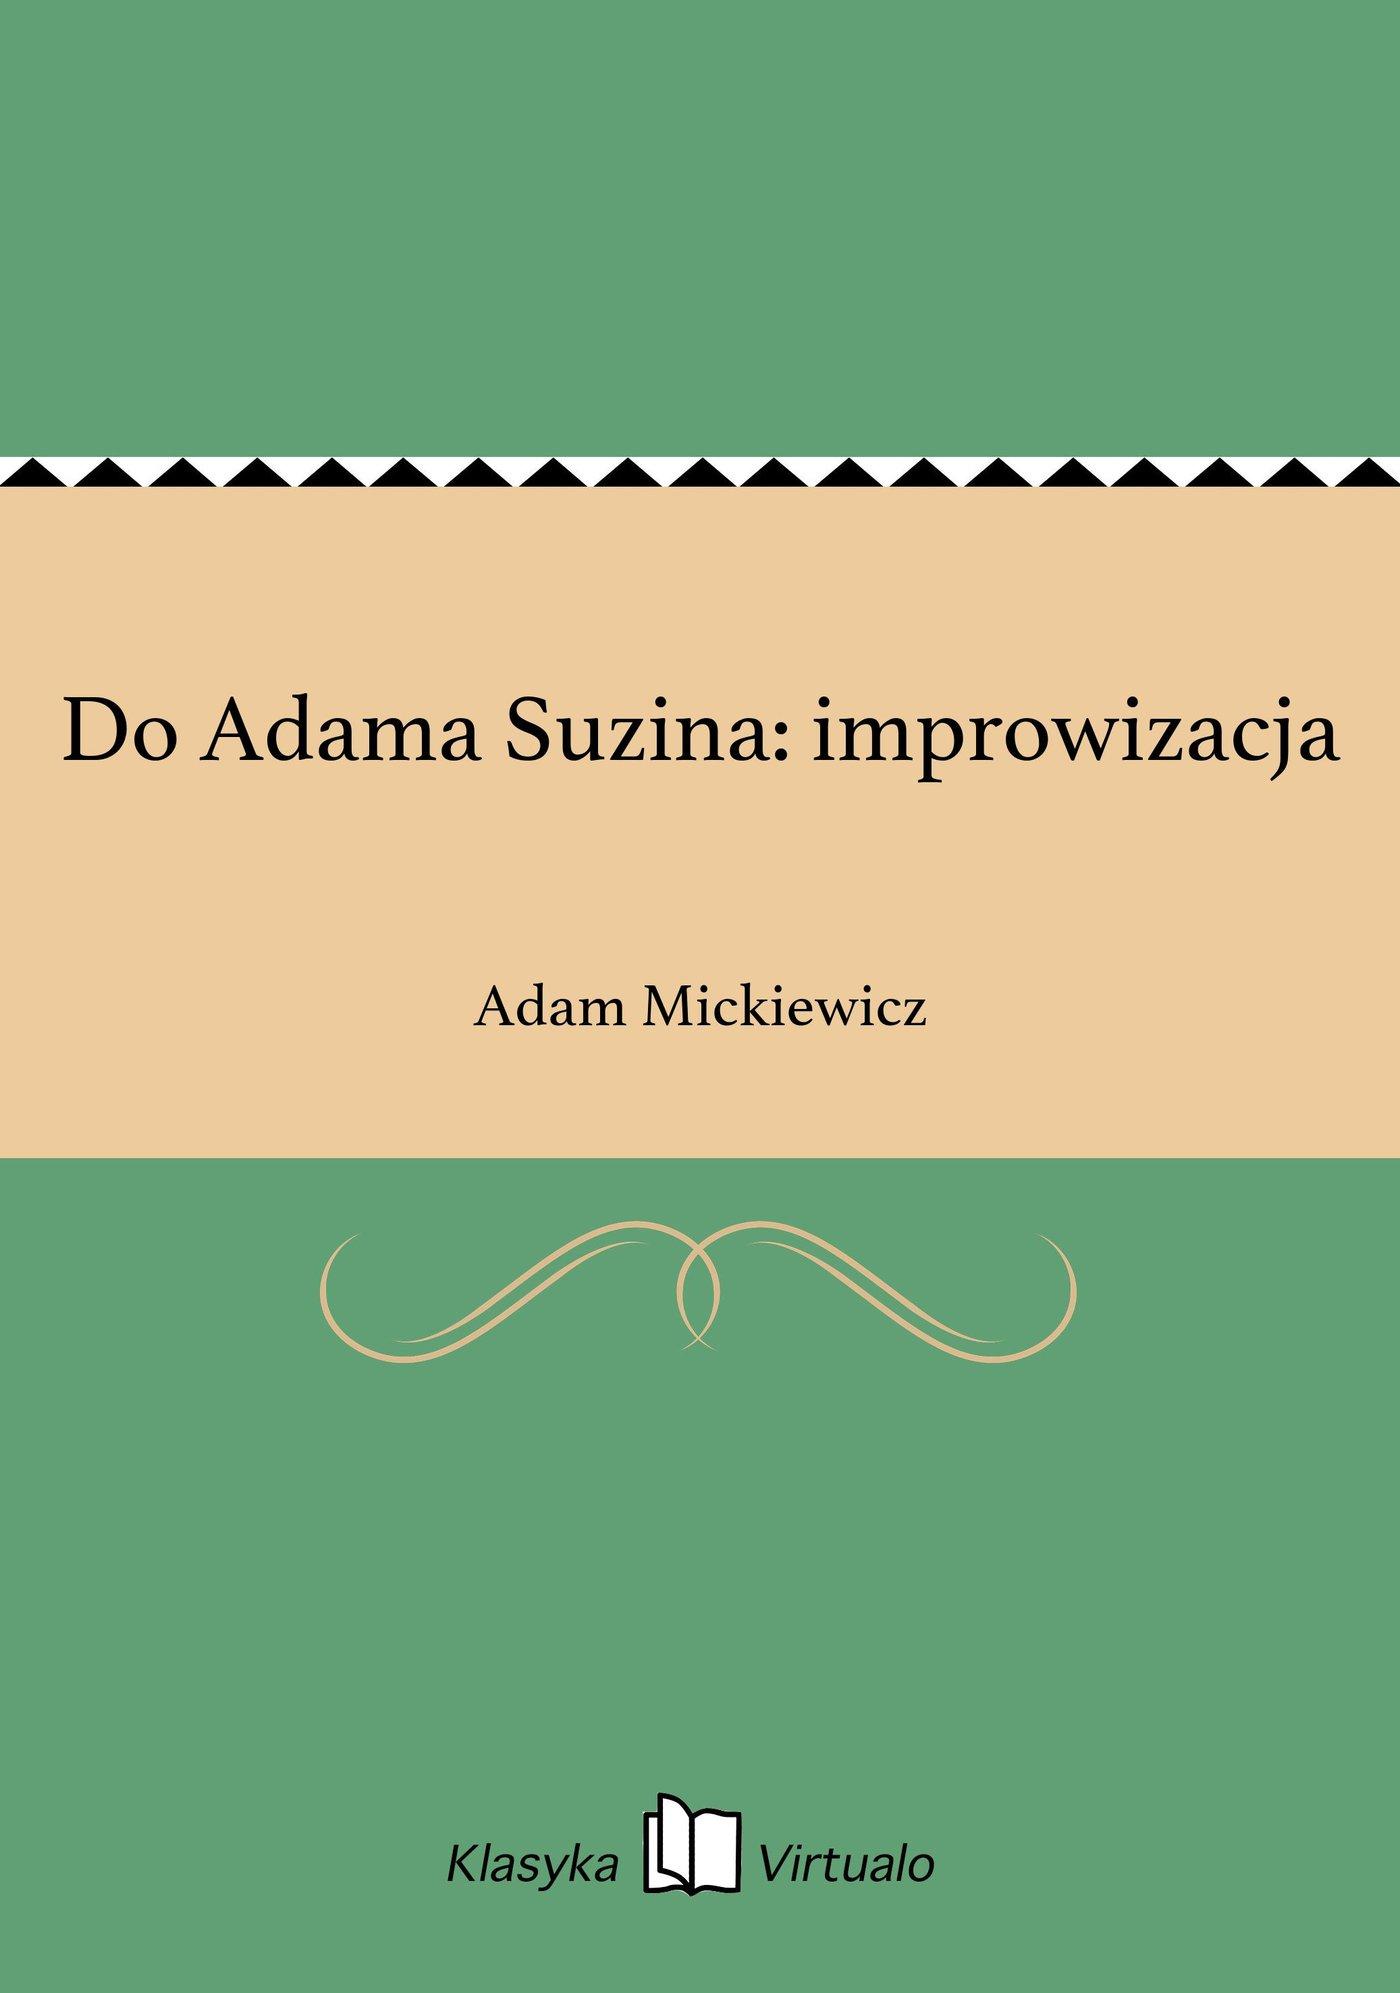 Do Adama Suzina: improwizacja - Ebook (Książka EPUB) do pobrania w formacie EPUB